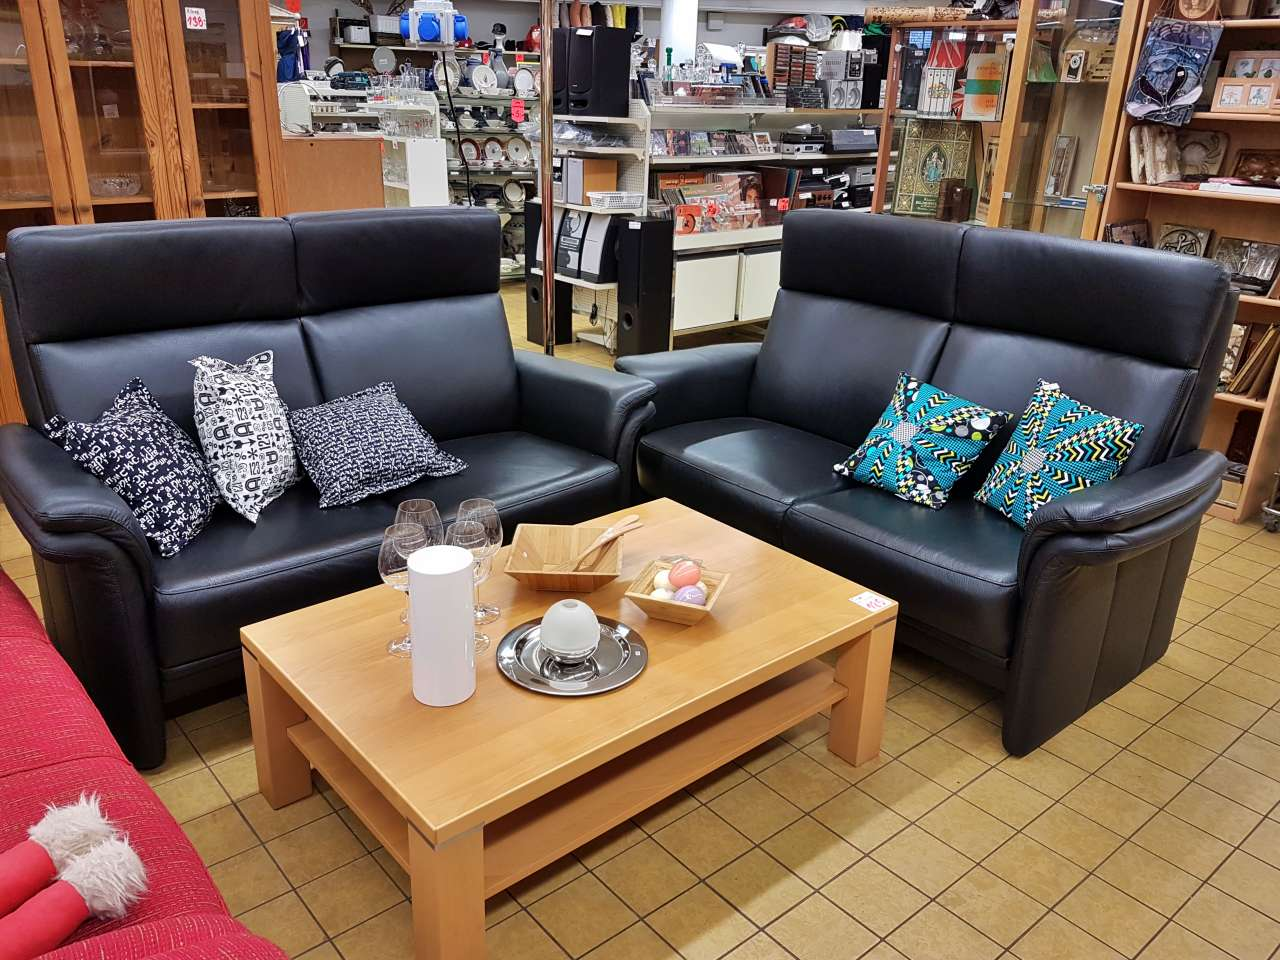 Möbel Sofa Zweisitzer Leder schwarz